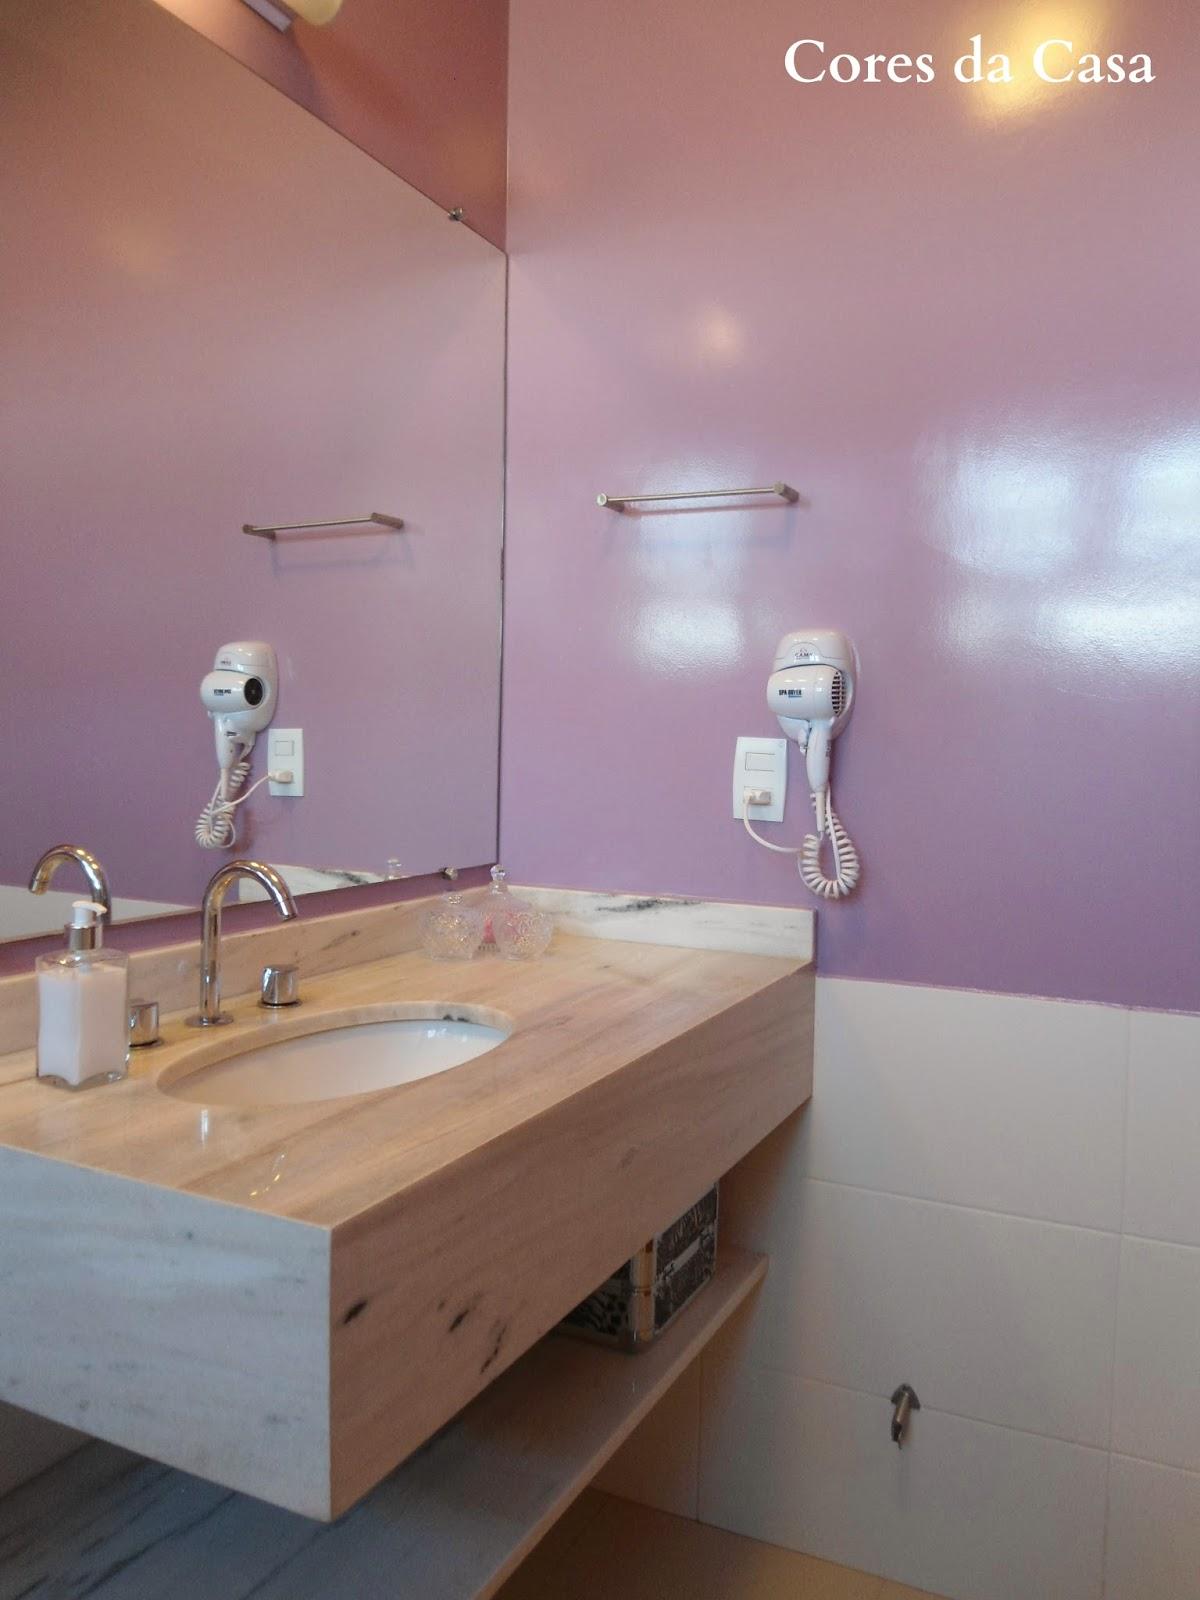 Sempre comento aqui no blog que a forma mais rápida e econômica de  #936D38 1200x1600 Banheiro Cor Ideal